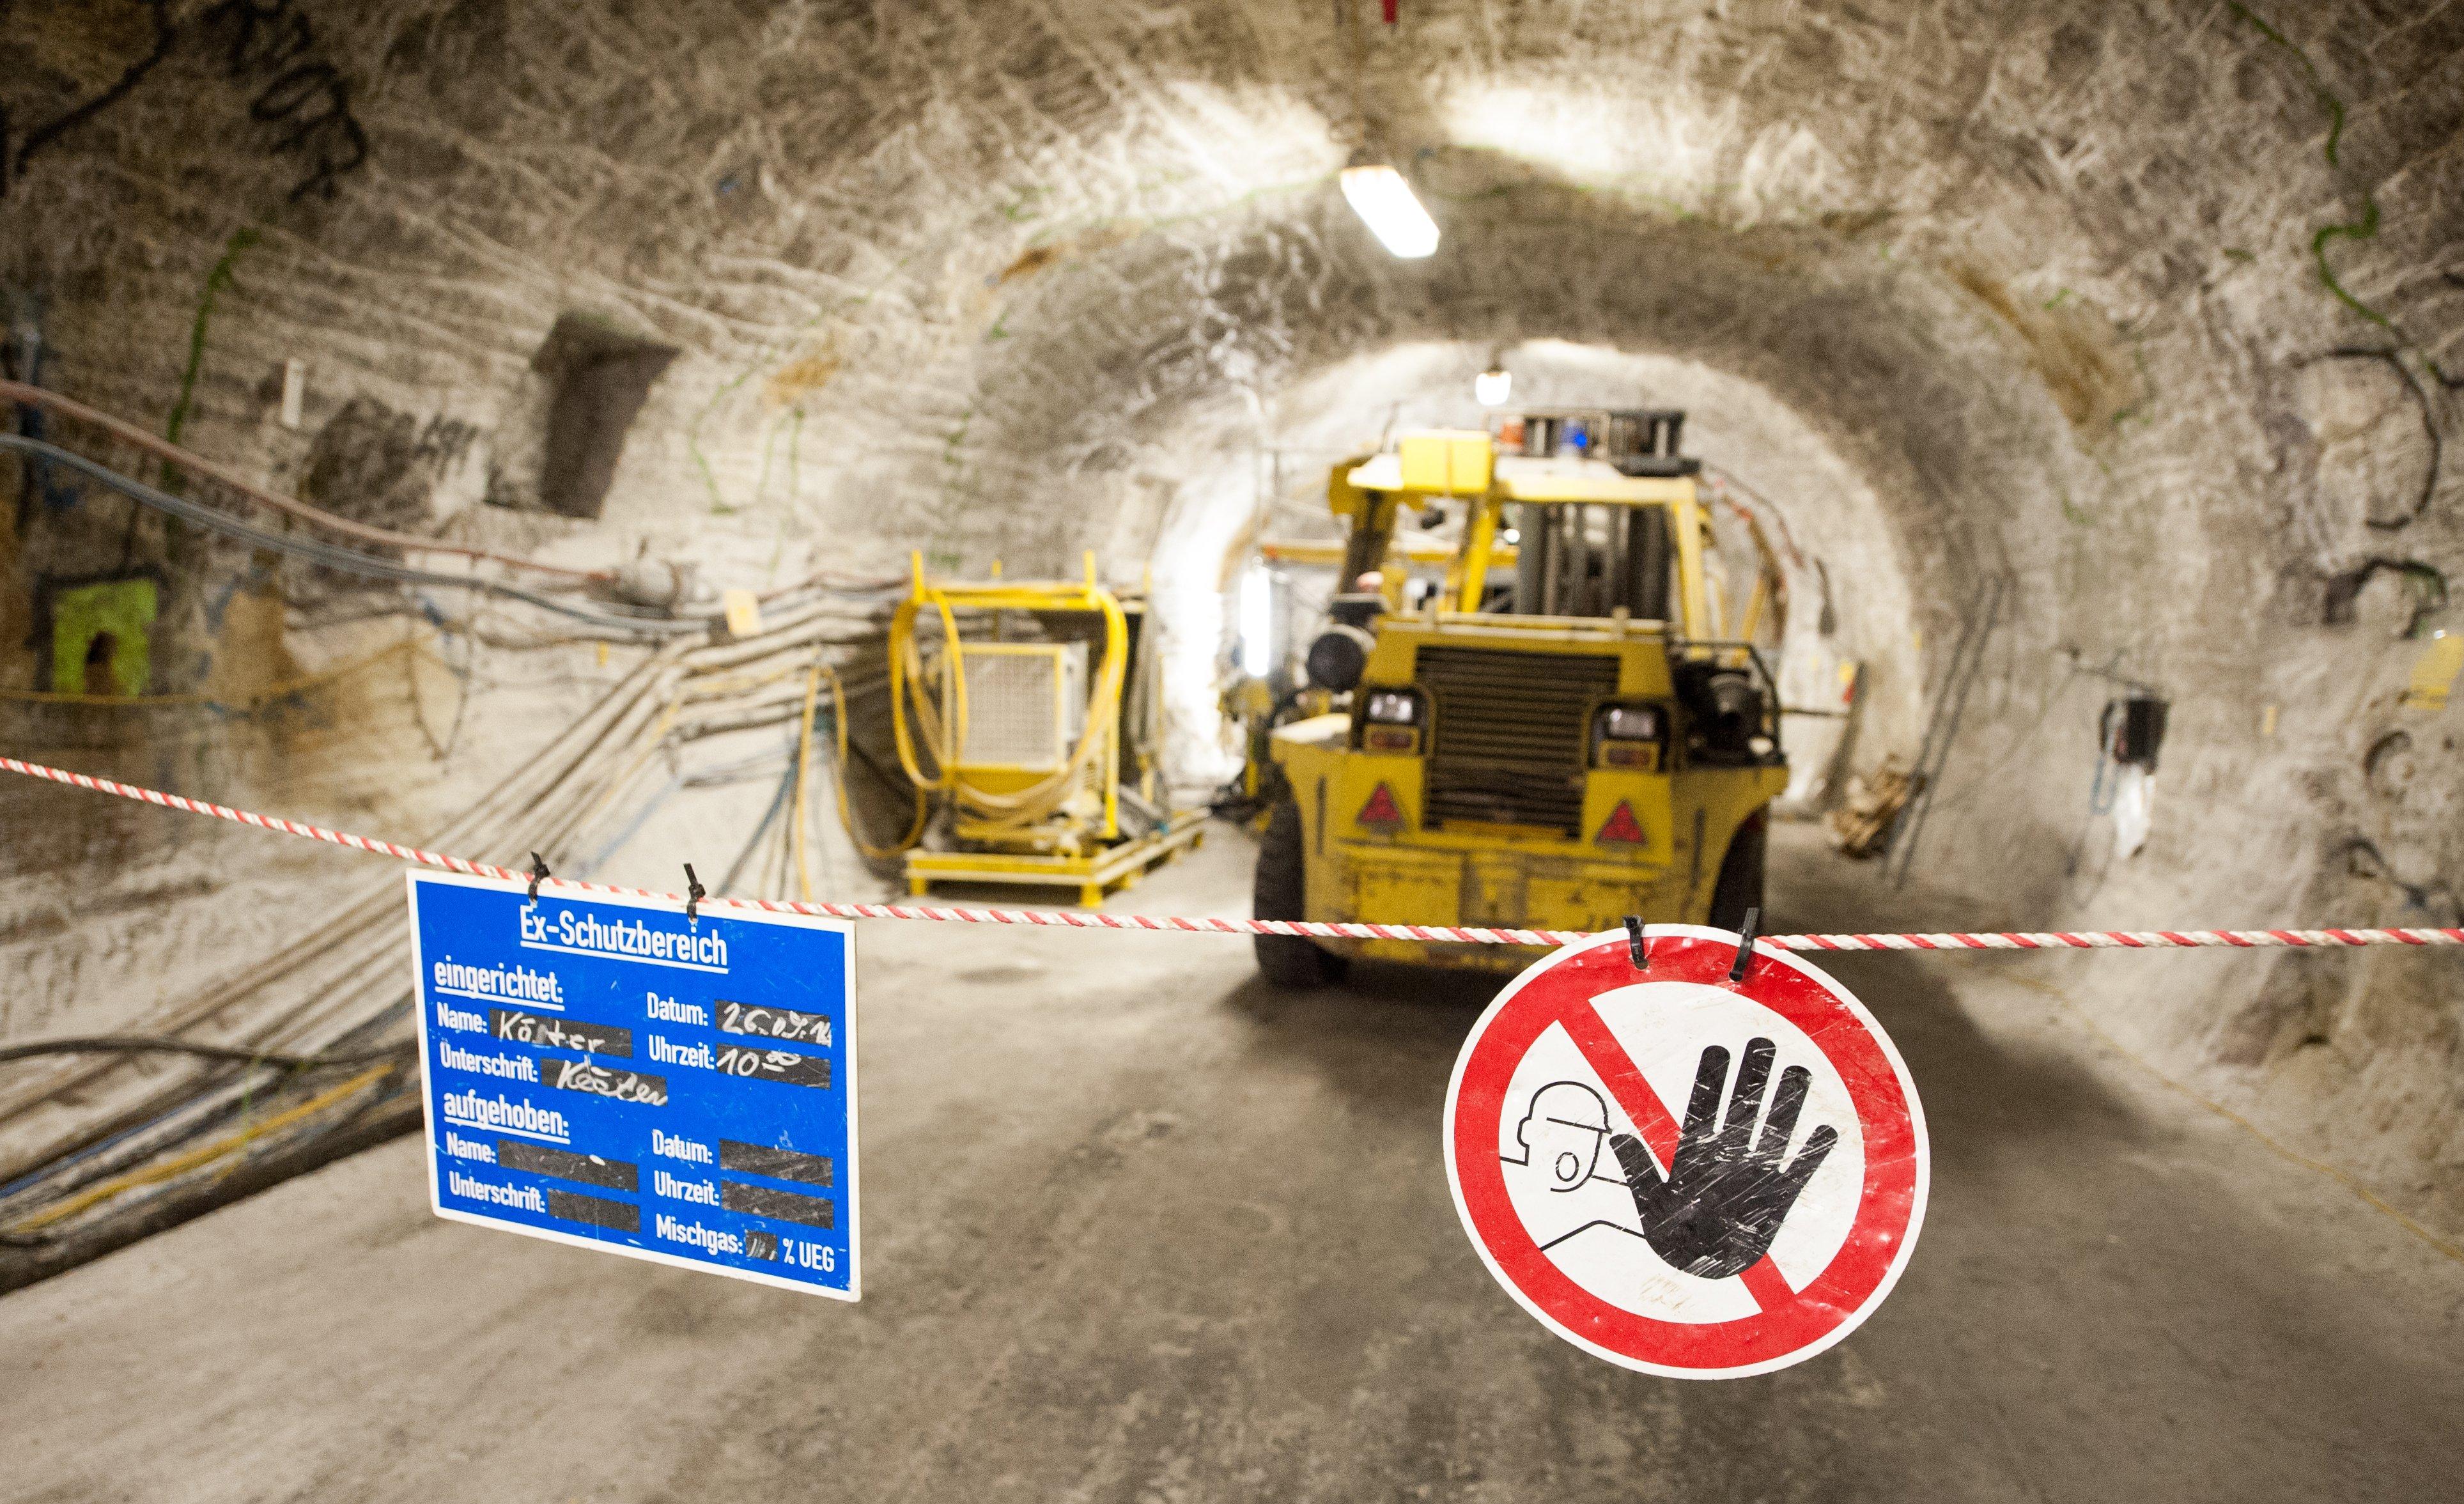 Erkundungsbergwerk in Gorleben: Die Suche nach einem Endlager für den hochradioaktiven Müll in Deutschland wird sich erheblich verzögern. Erst in mehr als 150 Jahren wird ein Endlager geschlossen werden.